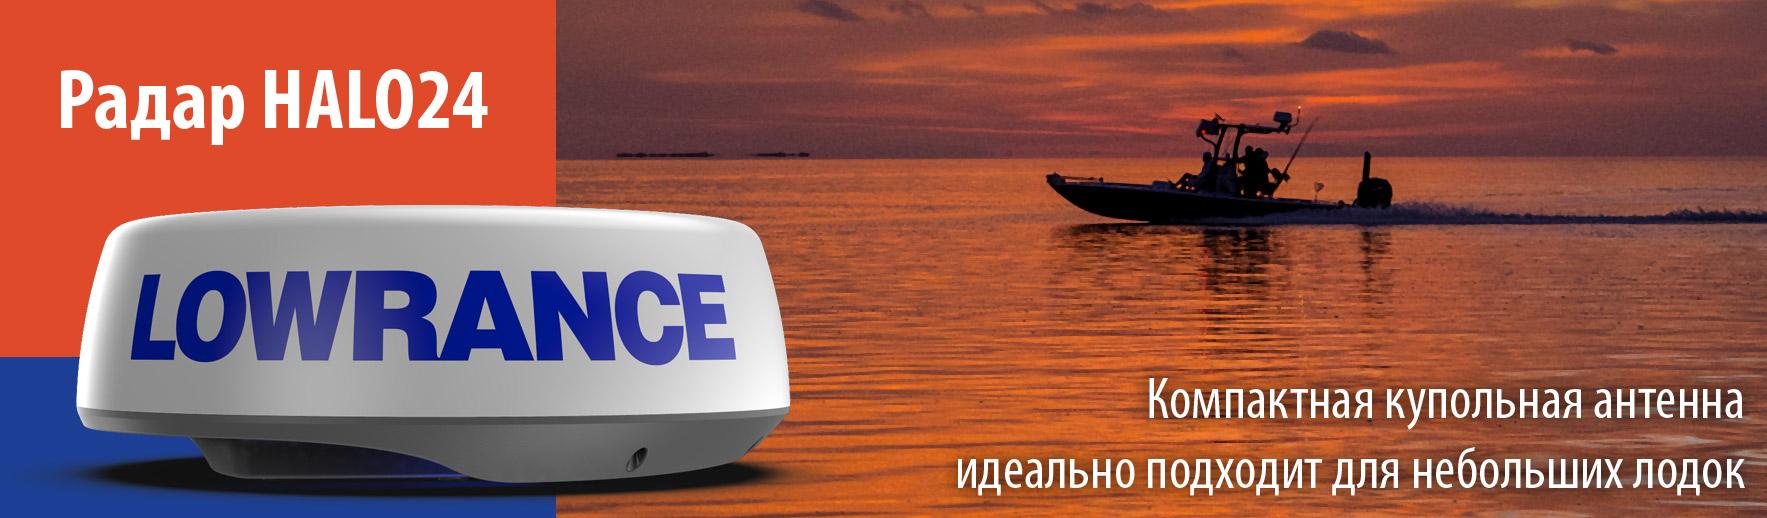 Морской радар HALO24 от Lowrance работает в режиме реального времени на ближних расстояниях с частотой вращения антенны 60 об/сек